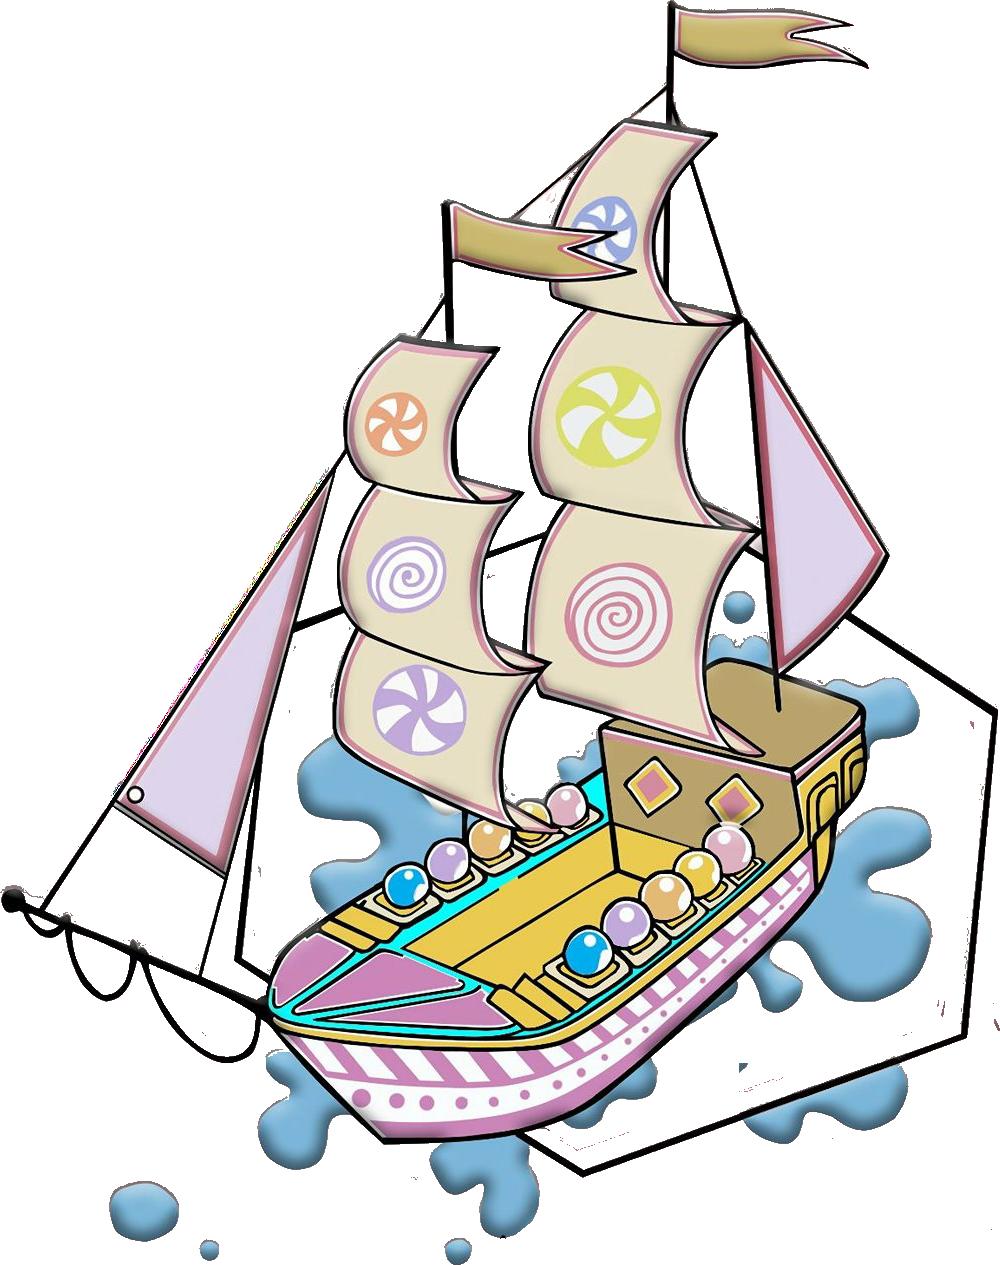 navire-gourmand-logo